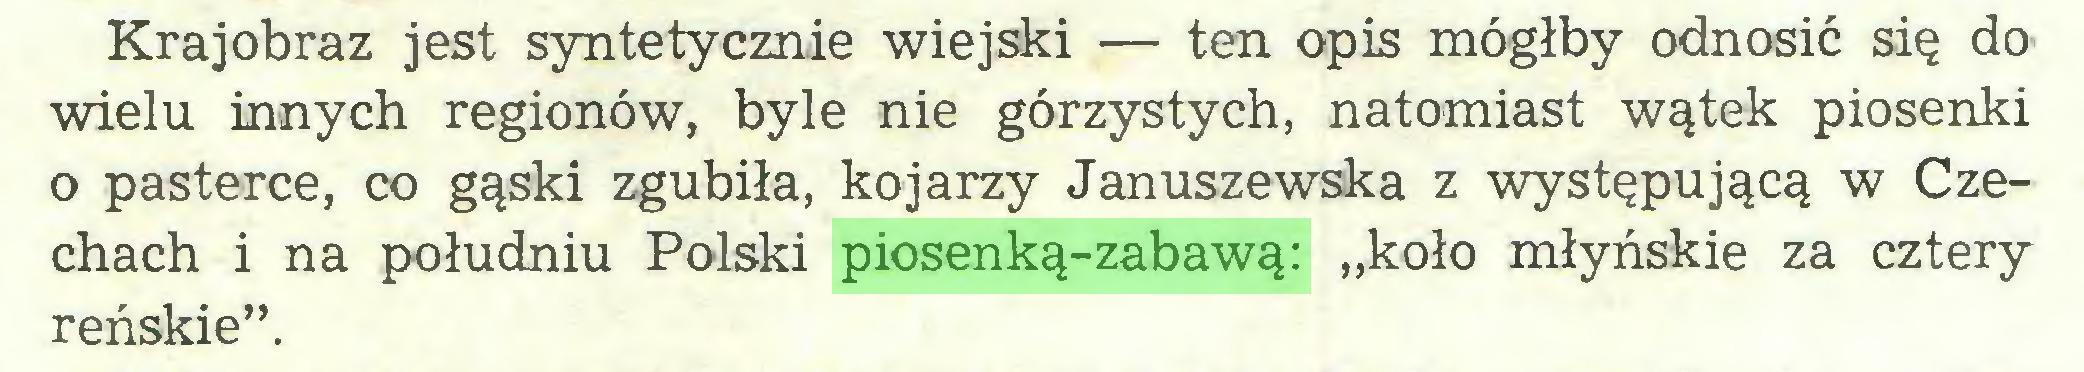 """(...) Krajobraz jest syntetycznie wiejski — ten opis mógłby odnosić się do wielu innych regionów, byle nie górzystych, natomiast wątek piosenki o pasterce, co gąski zgubiła, kojarzy Januszewska z występującą w Czechach i na południu Polski piosenką-zabawą: """"koło młyńskie za cztery reńskie""""..."""